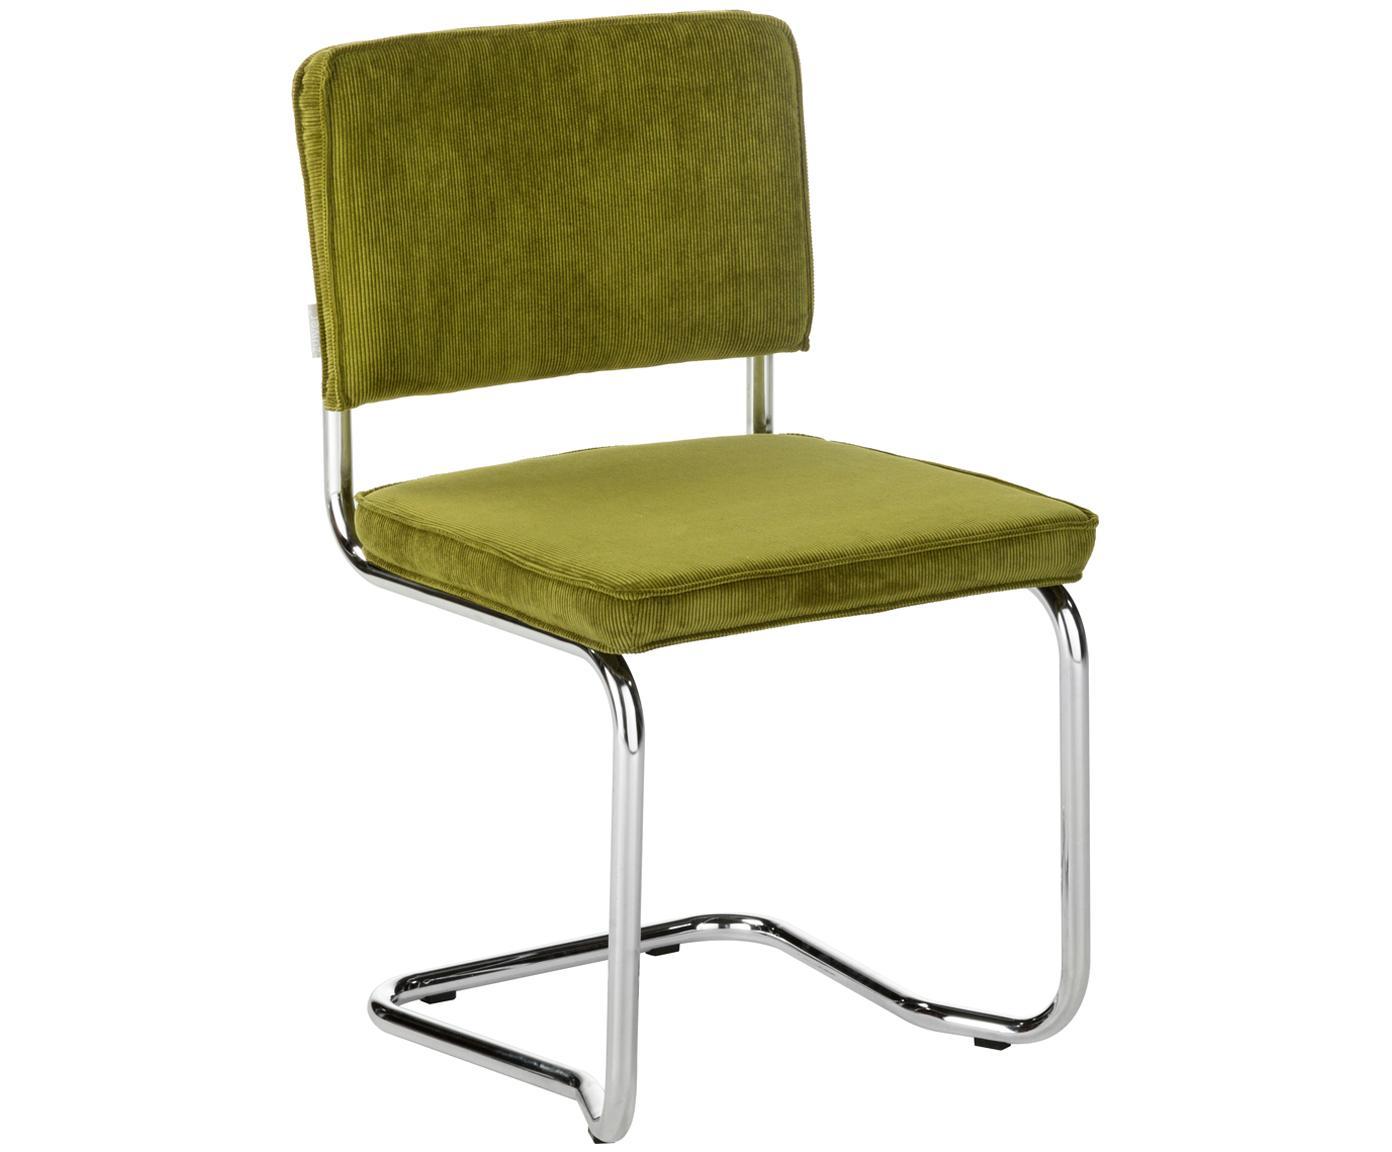 Freischwinger Ridge Kink Chair, Bezug: 88% Nylon, 12% Polyester, Gestell: Metall, verchromt Der Bez, Grün, B 48 x T 48 cm